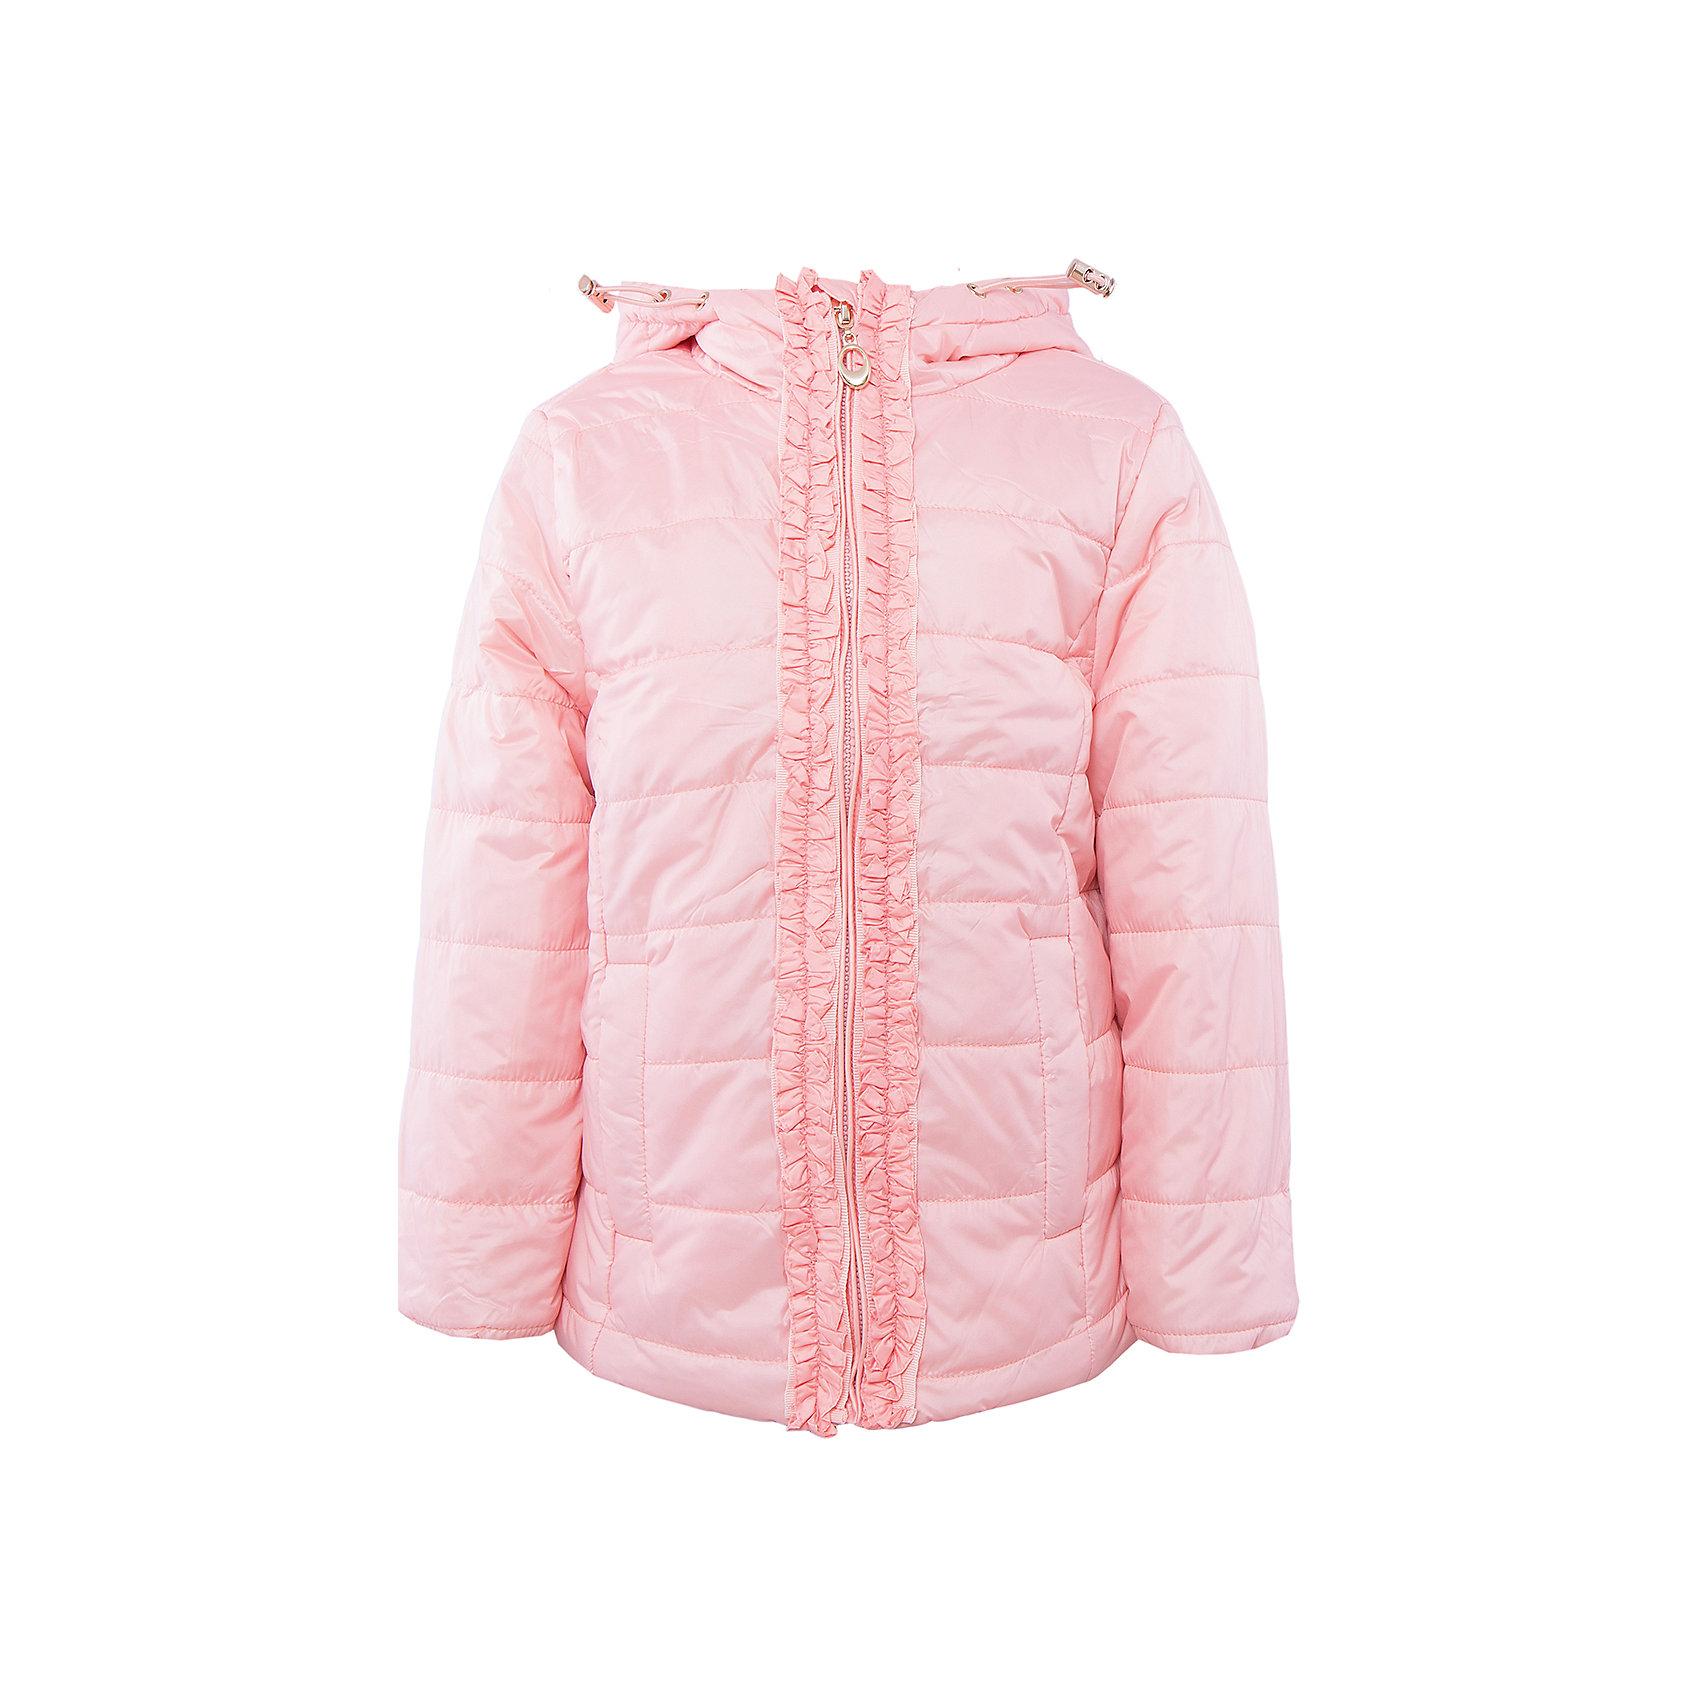 Куртка для девочки SELAВерхняя одежда<br>Куртка для девочки SELA<br><br>Характеристики:<br><br>• Цвет персиковый.<br>• Силуэт полуприлегающий.<br>• Длина до середины бедра.<br>• Капюшон втачной.<br>• Застежка молния.<br>• Два кармана.<br>• Состав:100 %полиэстер.<br><br>Куртка для девочки SELA от признанного лидера по созданию коллекций одежды в стиле casual – SELA. Такая стильная утепленная куртка - незаменимая вещь в прохладное время года.<br>Эта модель отлично сидит на ребенке, она сшита из плотного материала, позволяет гулять и заниматься спортом на свежем воздухе. Курточка украшена блестящей фурнитурой из желтого металла. Подкладка и утеплитель обеспечивают ребенку комфорт. Модель дополнена капюшоном и карманами.<br><br>Куртка для девочки SELA, можно купить в нашем интернет - магазине.<br><br>Ширина мм: 356<br>Глубина мм: 10<br>Высота мм: 245<br>Вес г: 519<br>Цвет: бежевый<br>Возраст от месяцев: 60<br>Возраст до месяцев: 72<br>Пол: Женский<br>Возраст: Детский<br>Размер: 116,98,104,110<br>SKU: 5020120